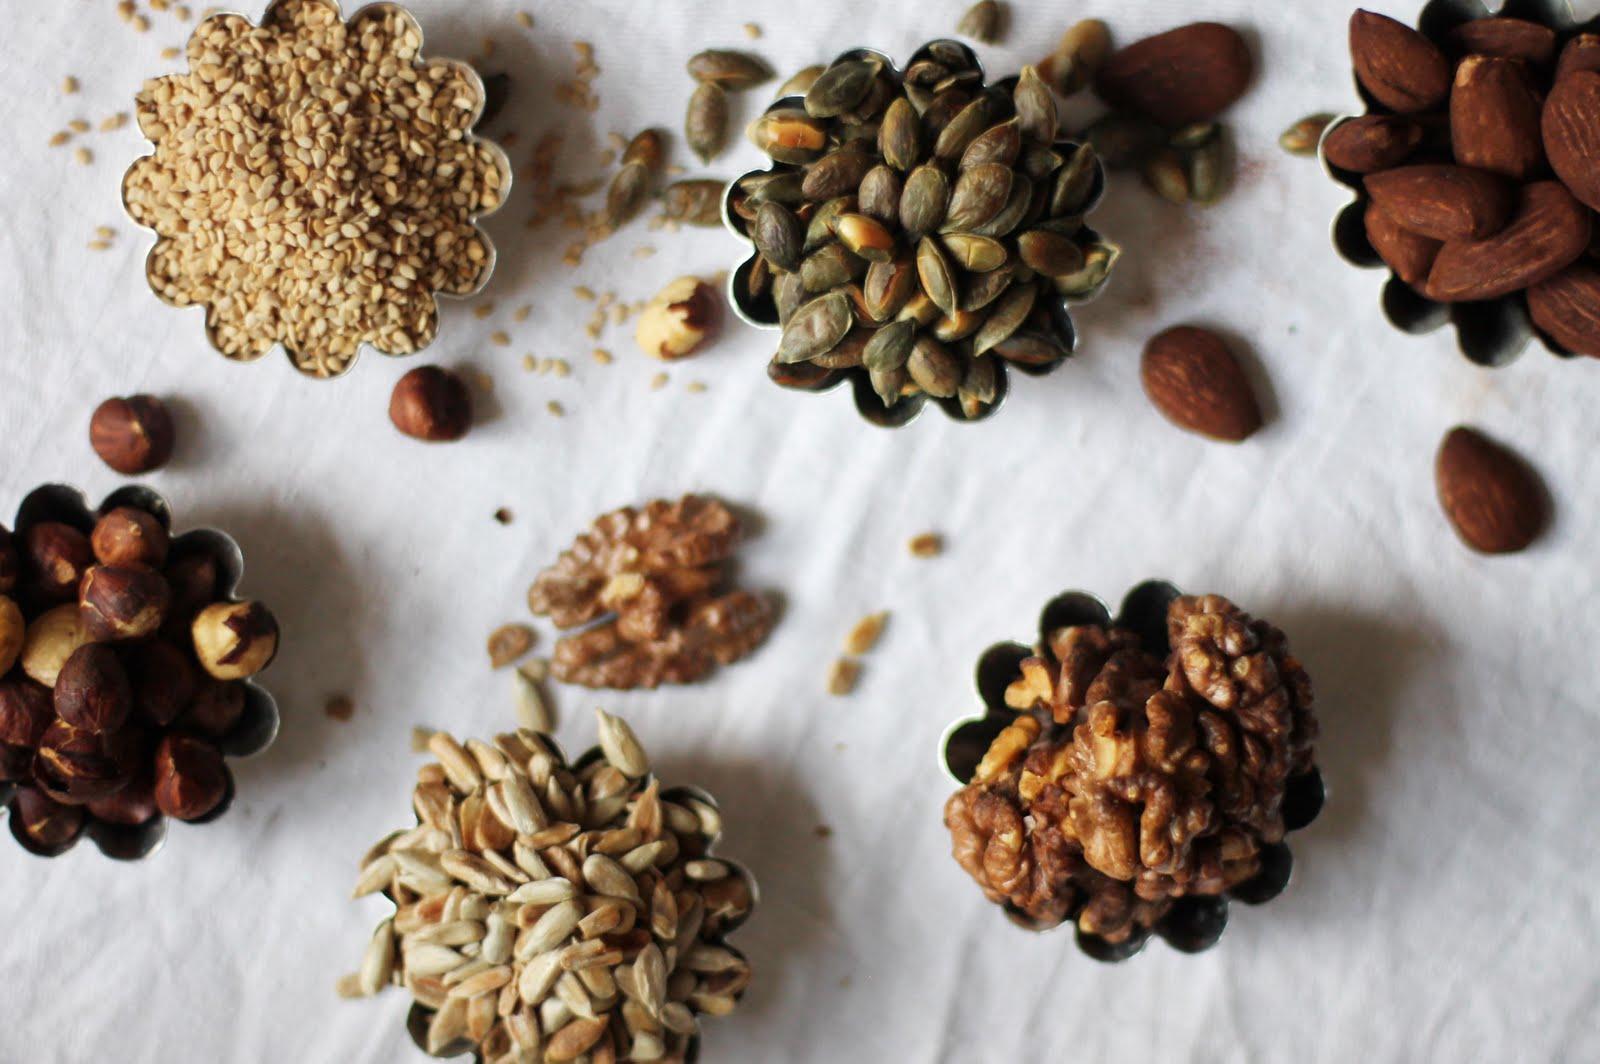 hur rostar man nötter